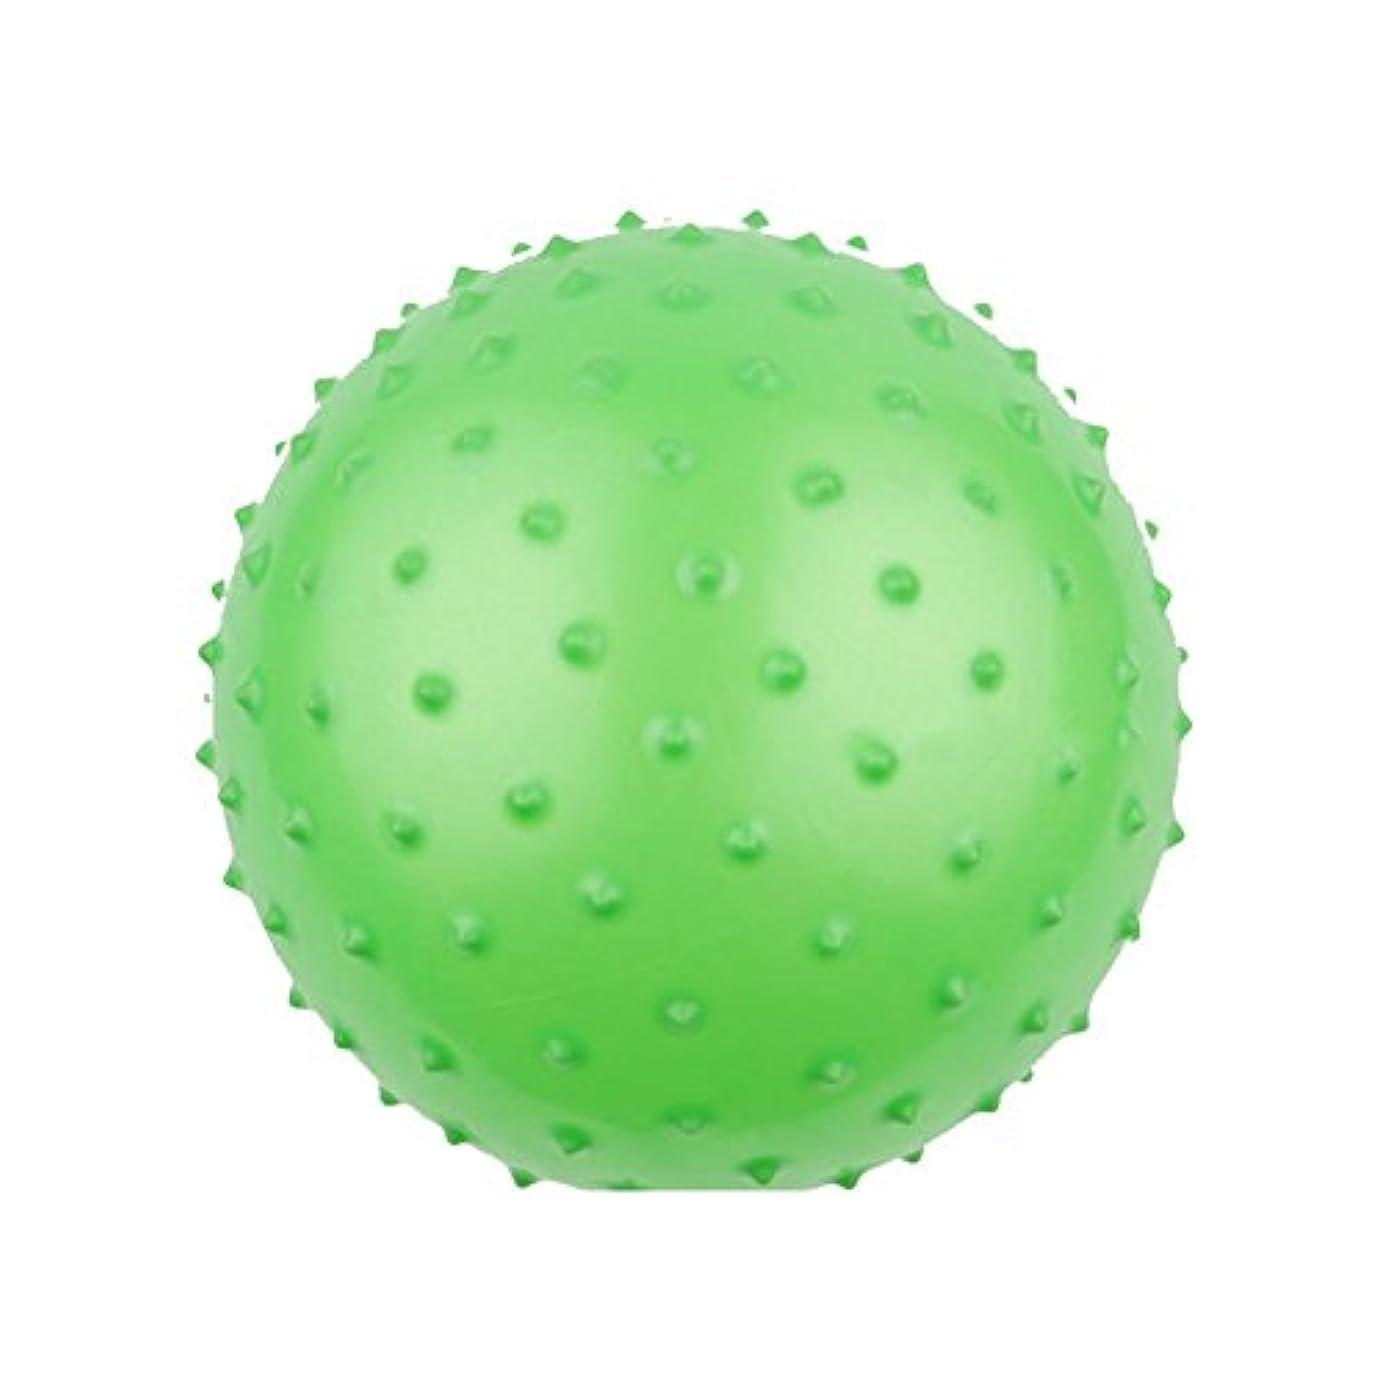 機構リラックスしたアレルギー性Liebeye 野球ボール 素敵な野球ボールマッサージボールキッズインフレータブルおもちゃのギフト装飾品(ランダムカラー) 28cmマッサージボール